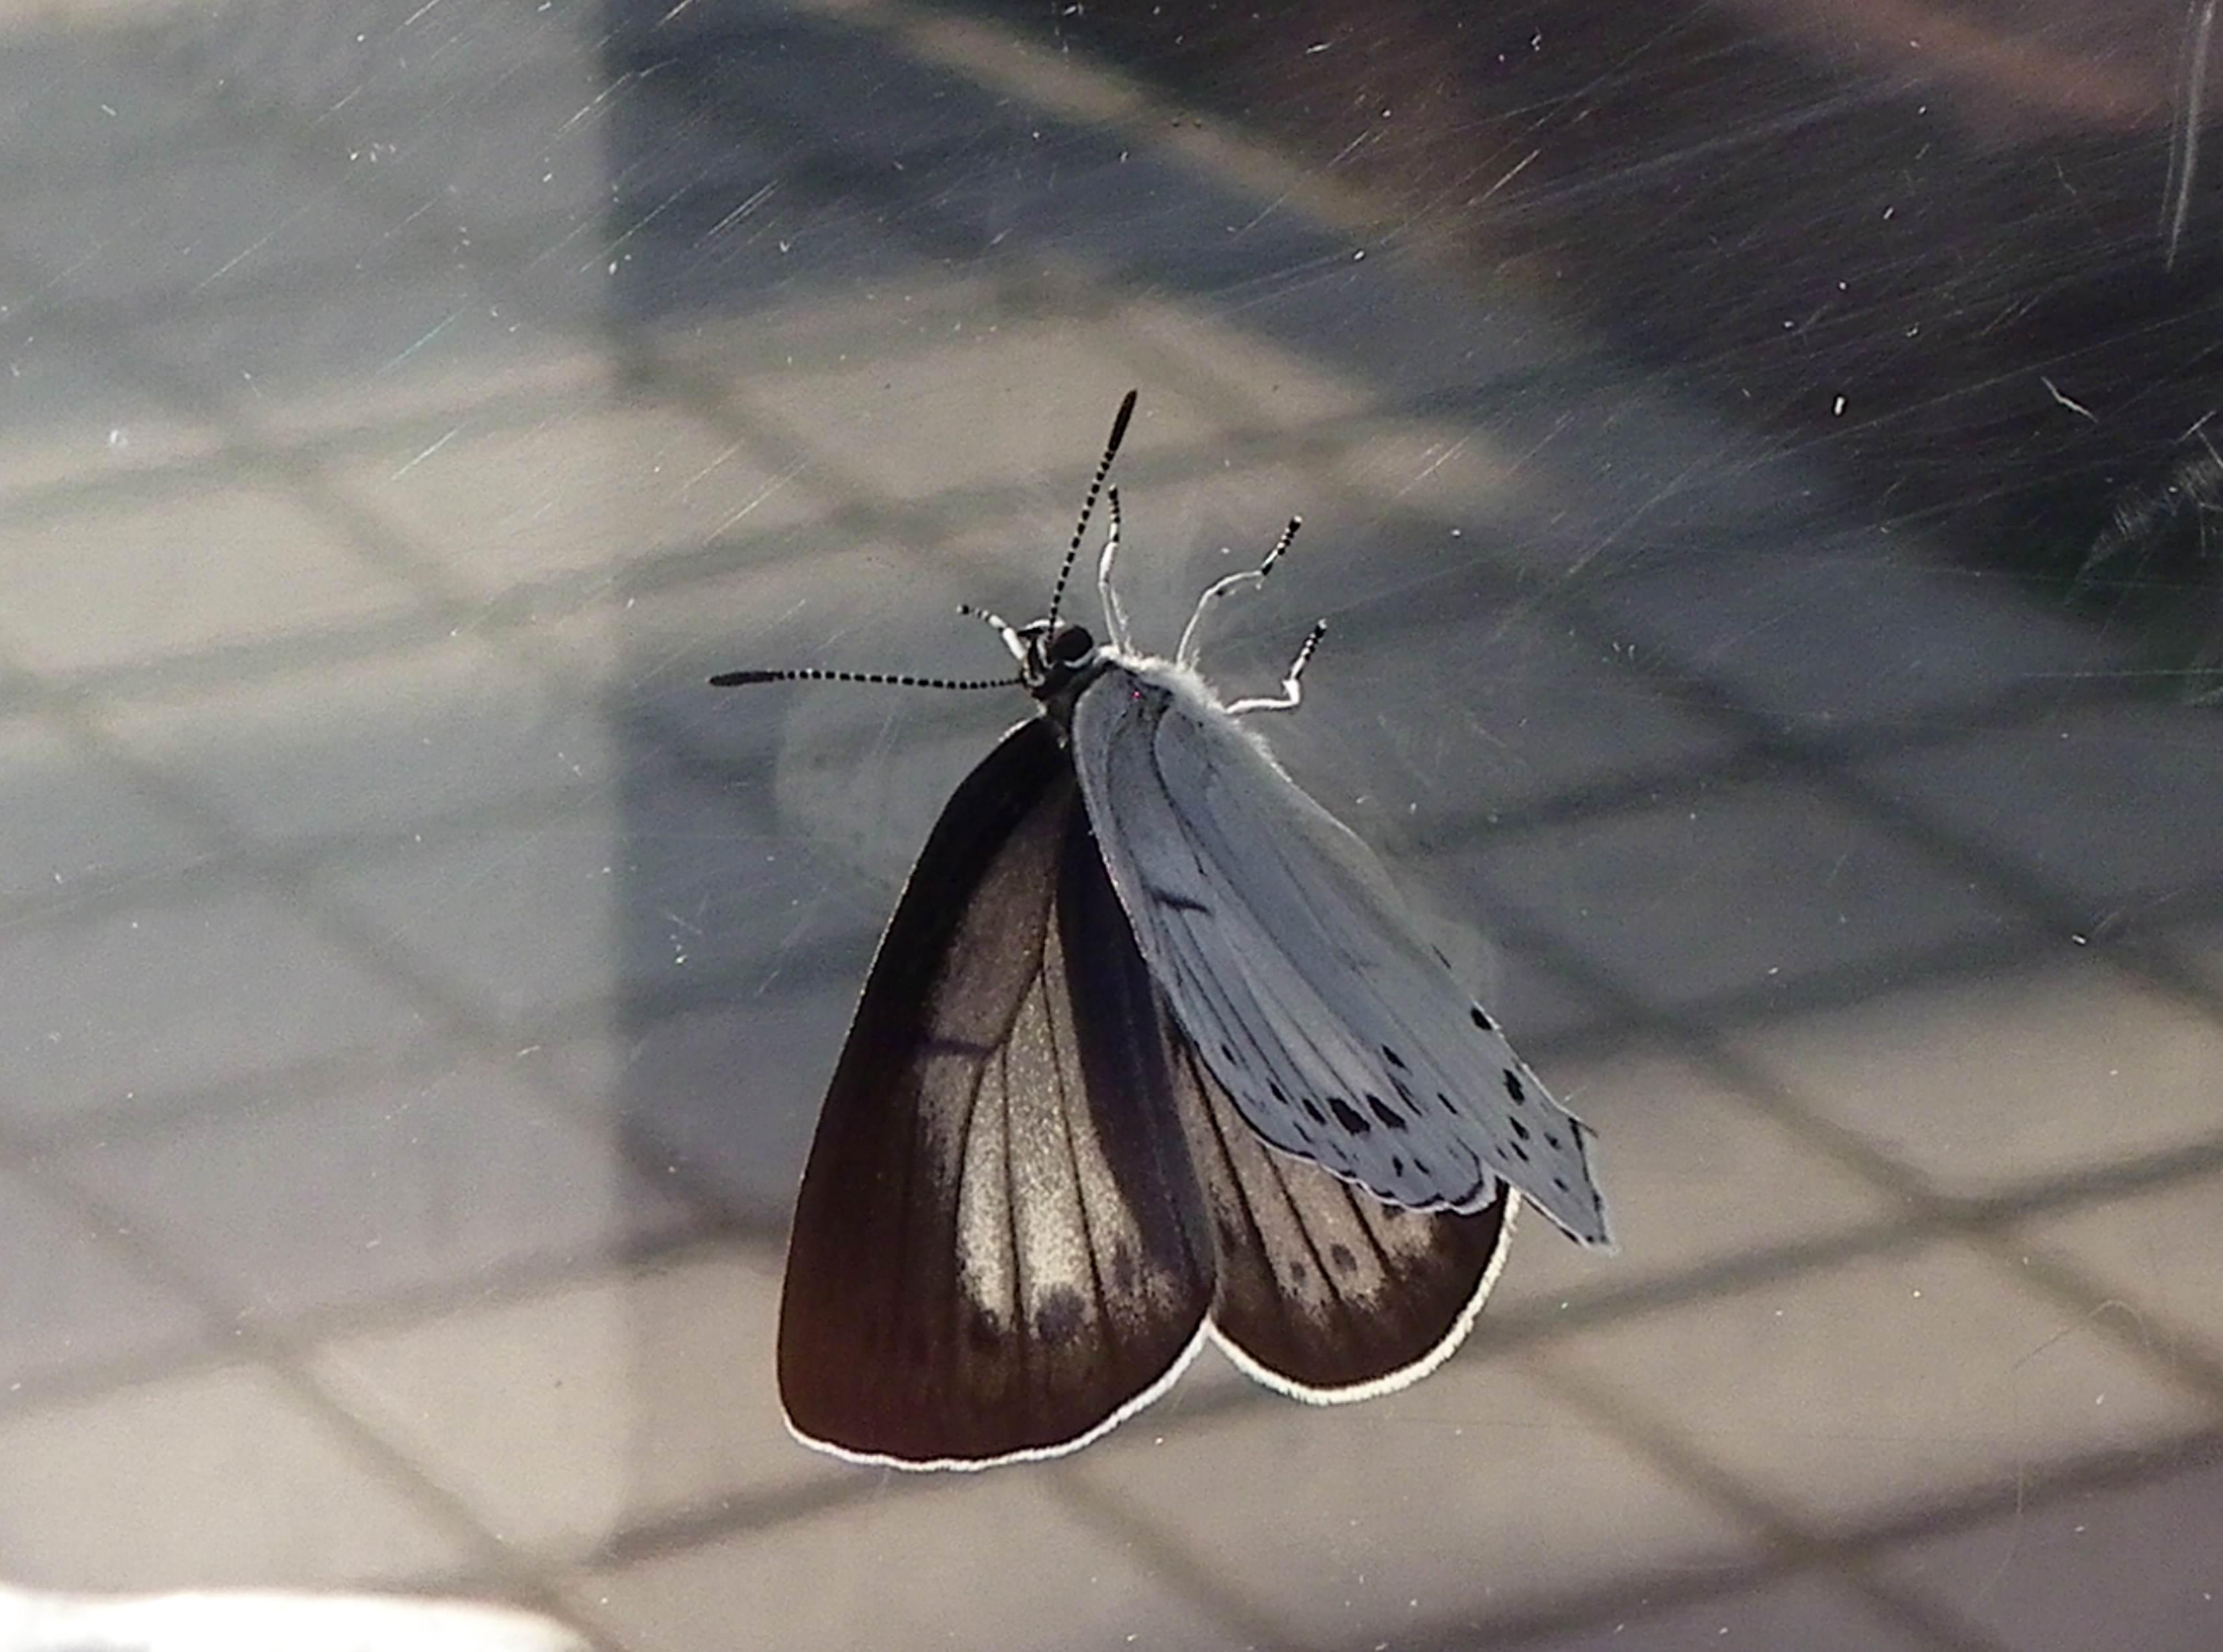 ウラゴマダラシジミの放蝶 5月13日_d0254540_1753446.jpg